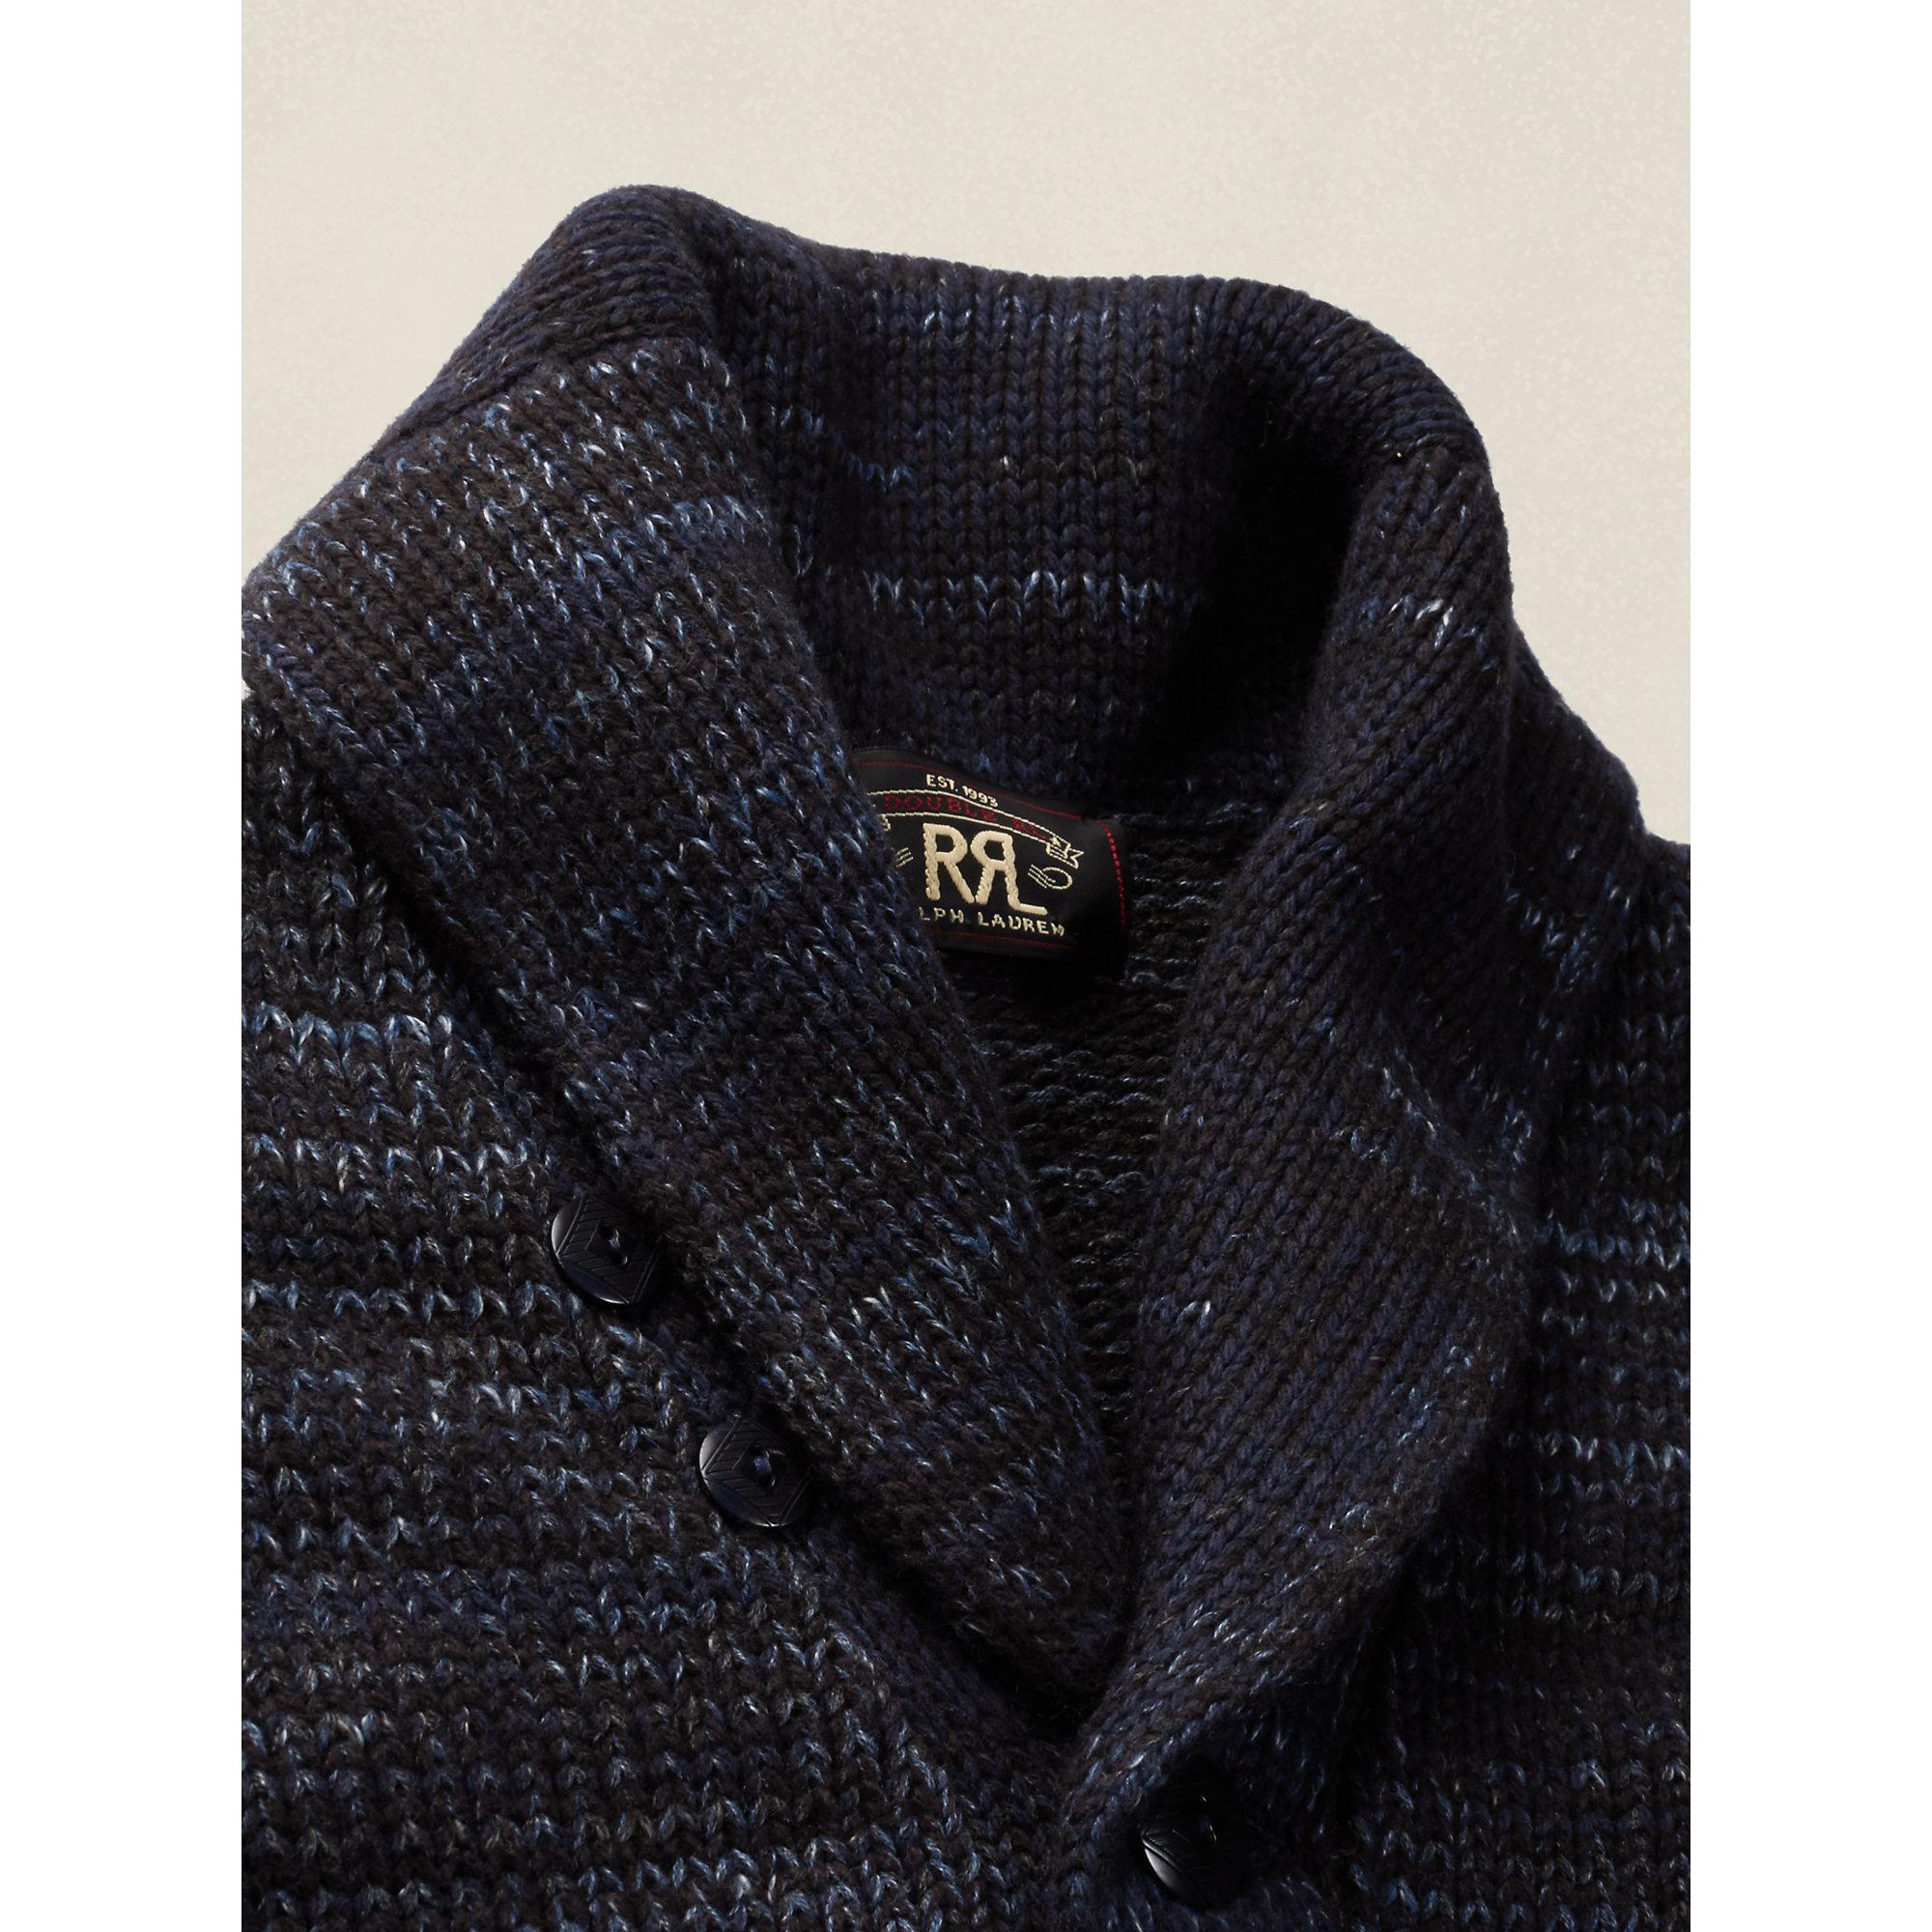 moncler mens basile jacket black noos for sale. Black Bedroom Furniture Sets. Home Design Ideas